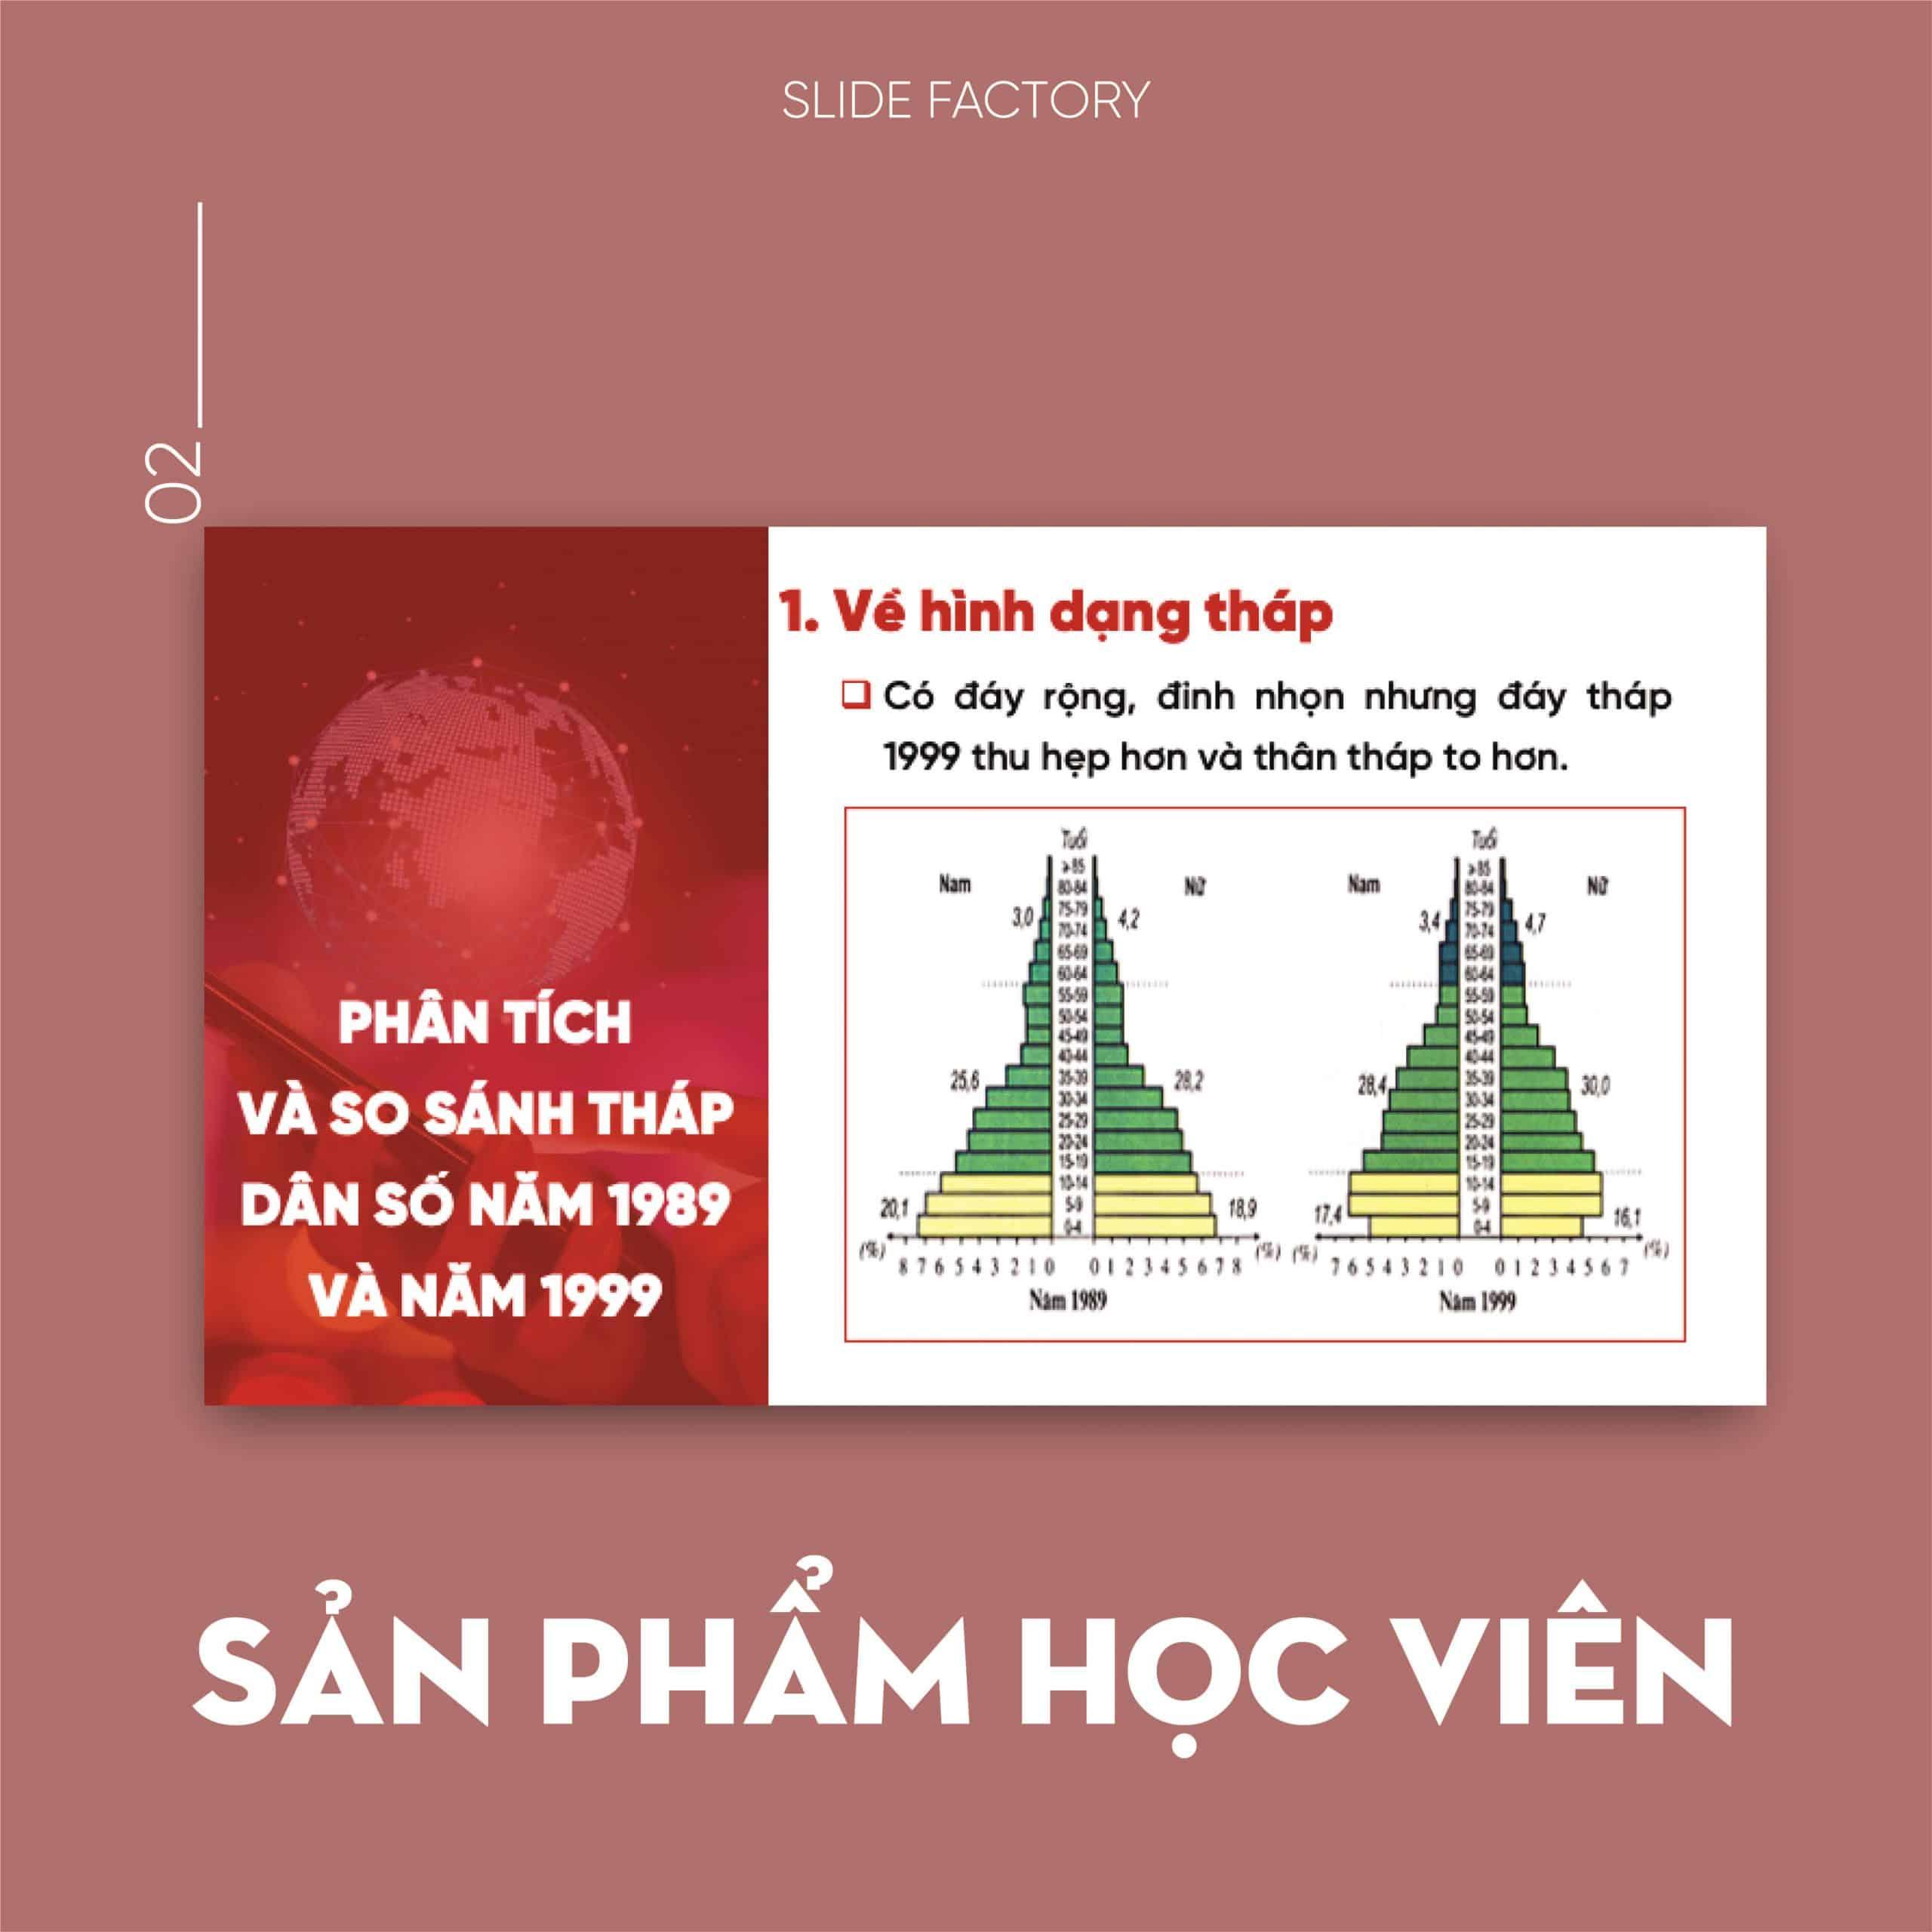 thiet-ke-bai-giang-truc-tuyen-bang-powerpoint